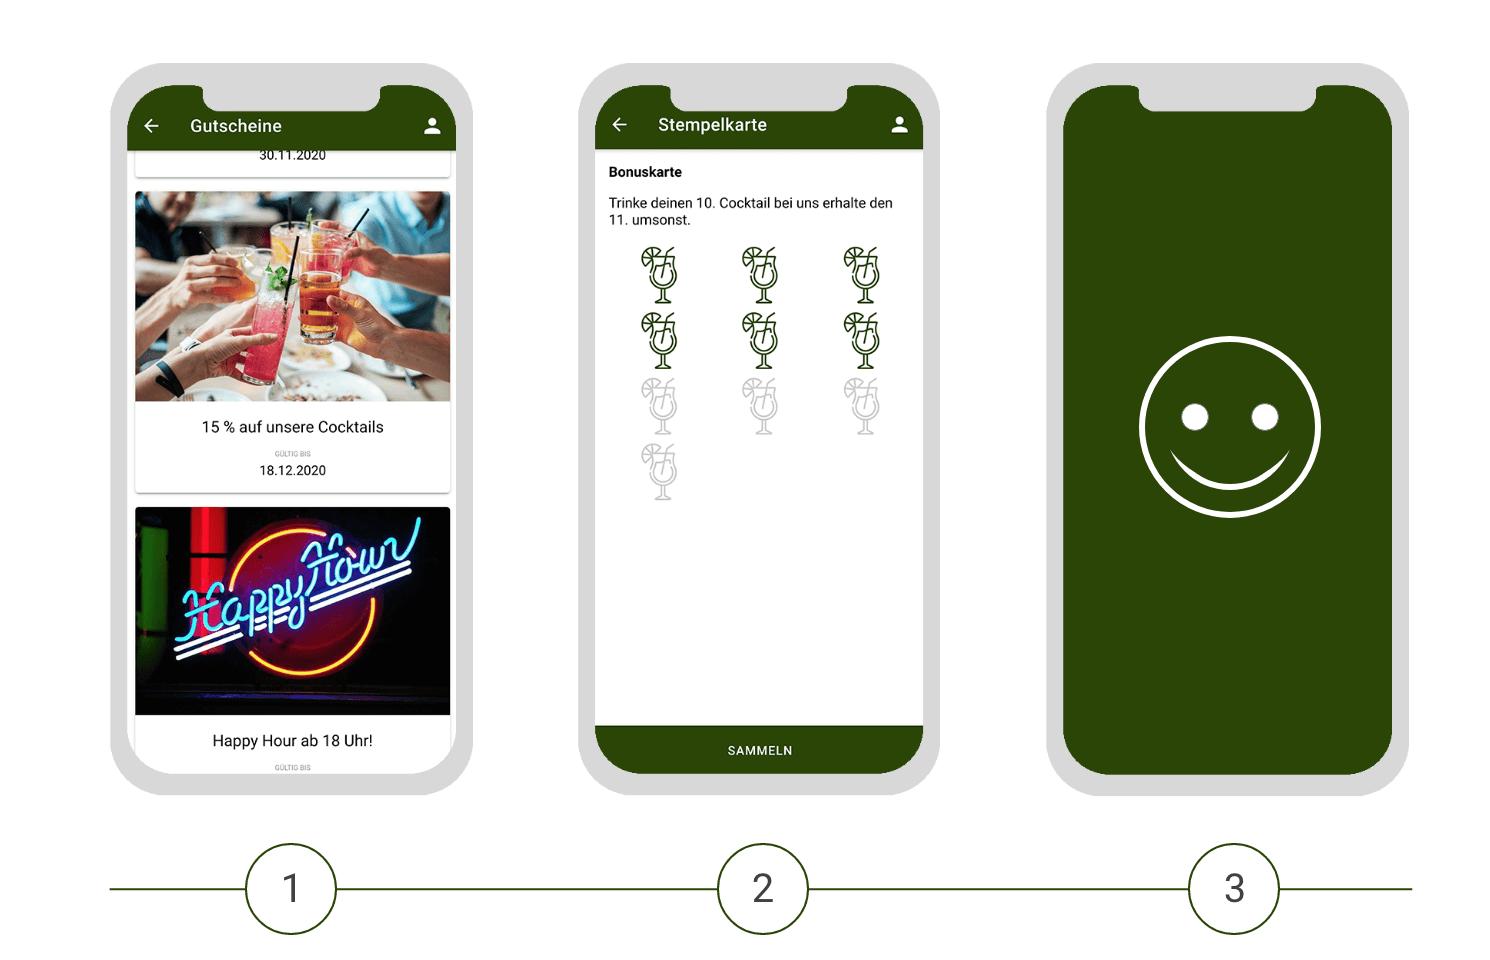 Digitale Gutscheine als Teil der Gastro App